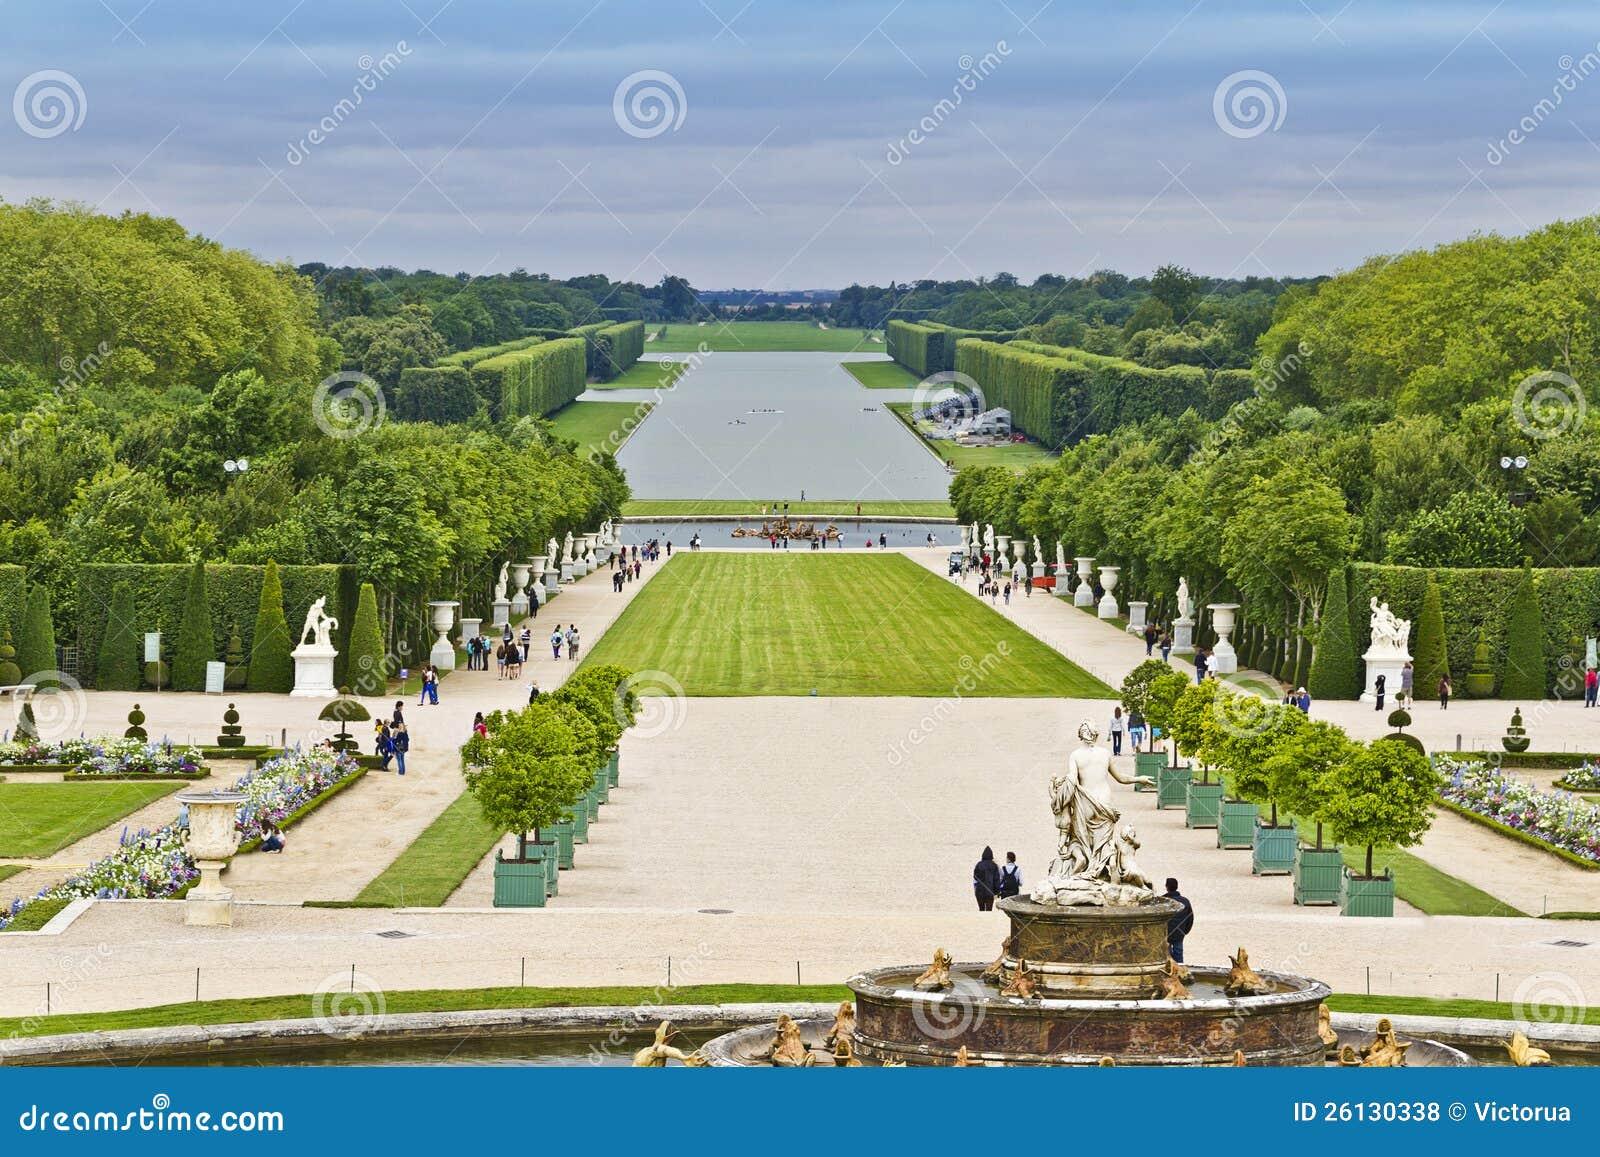 Paleis Van Versailles Tuin.Beeldhouwwerken In De Tuin Van Het Paleis Van Versailles Stock Foto